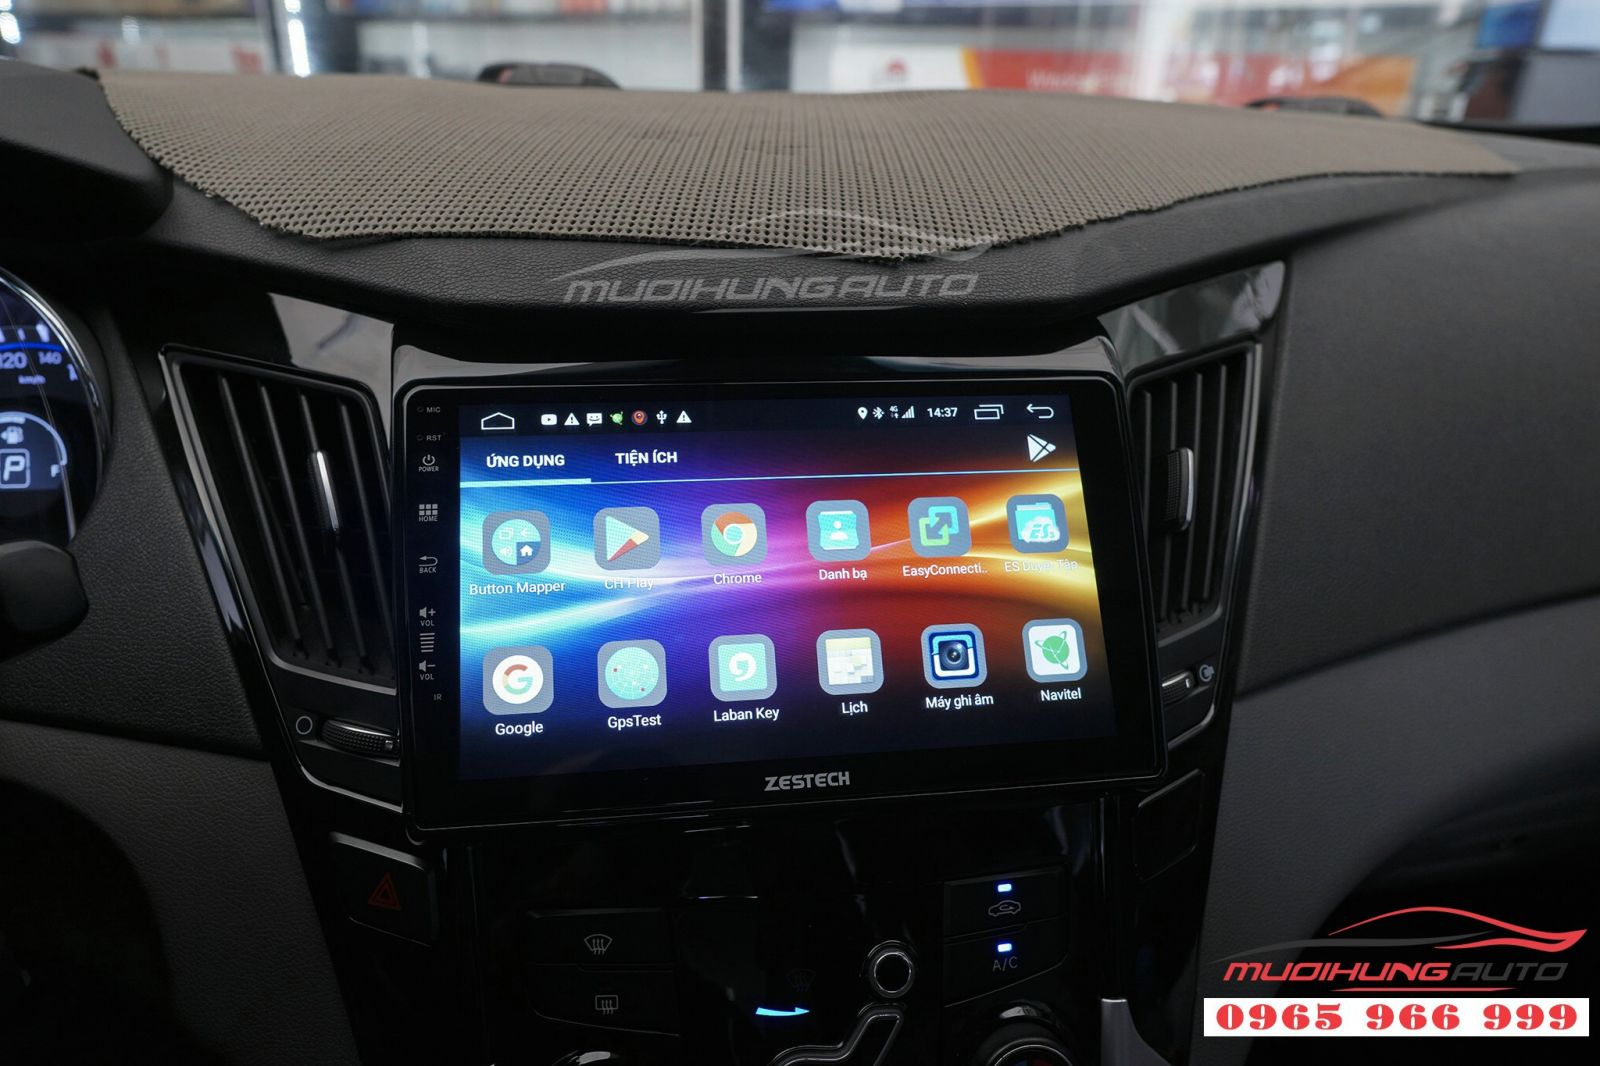 Lắp màn hình DVD Zestech cho Hyundai Sonata 04